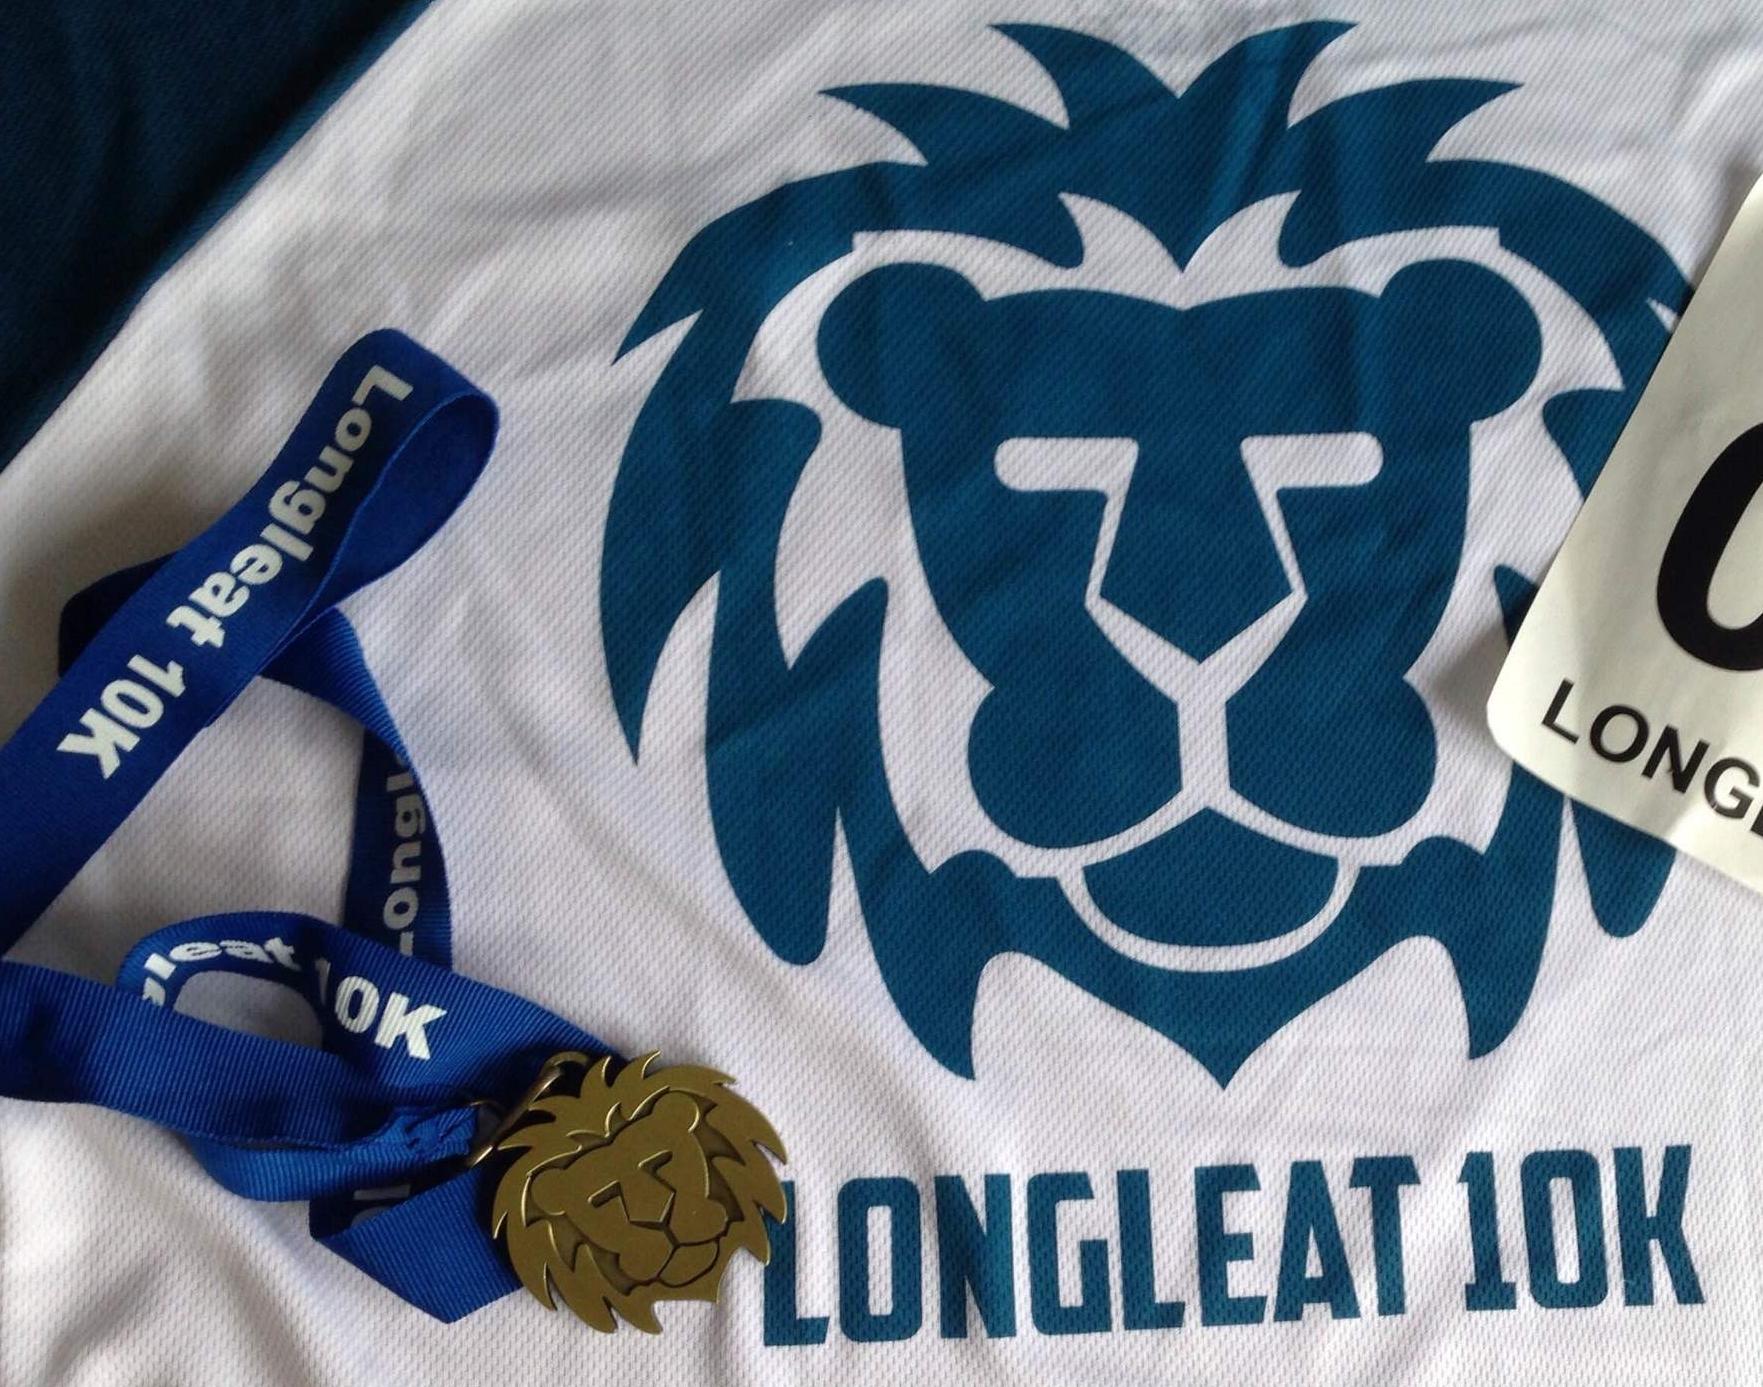 Longleat 10K